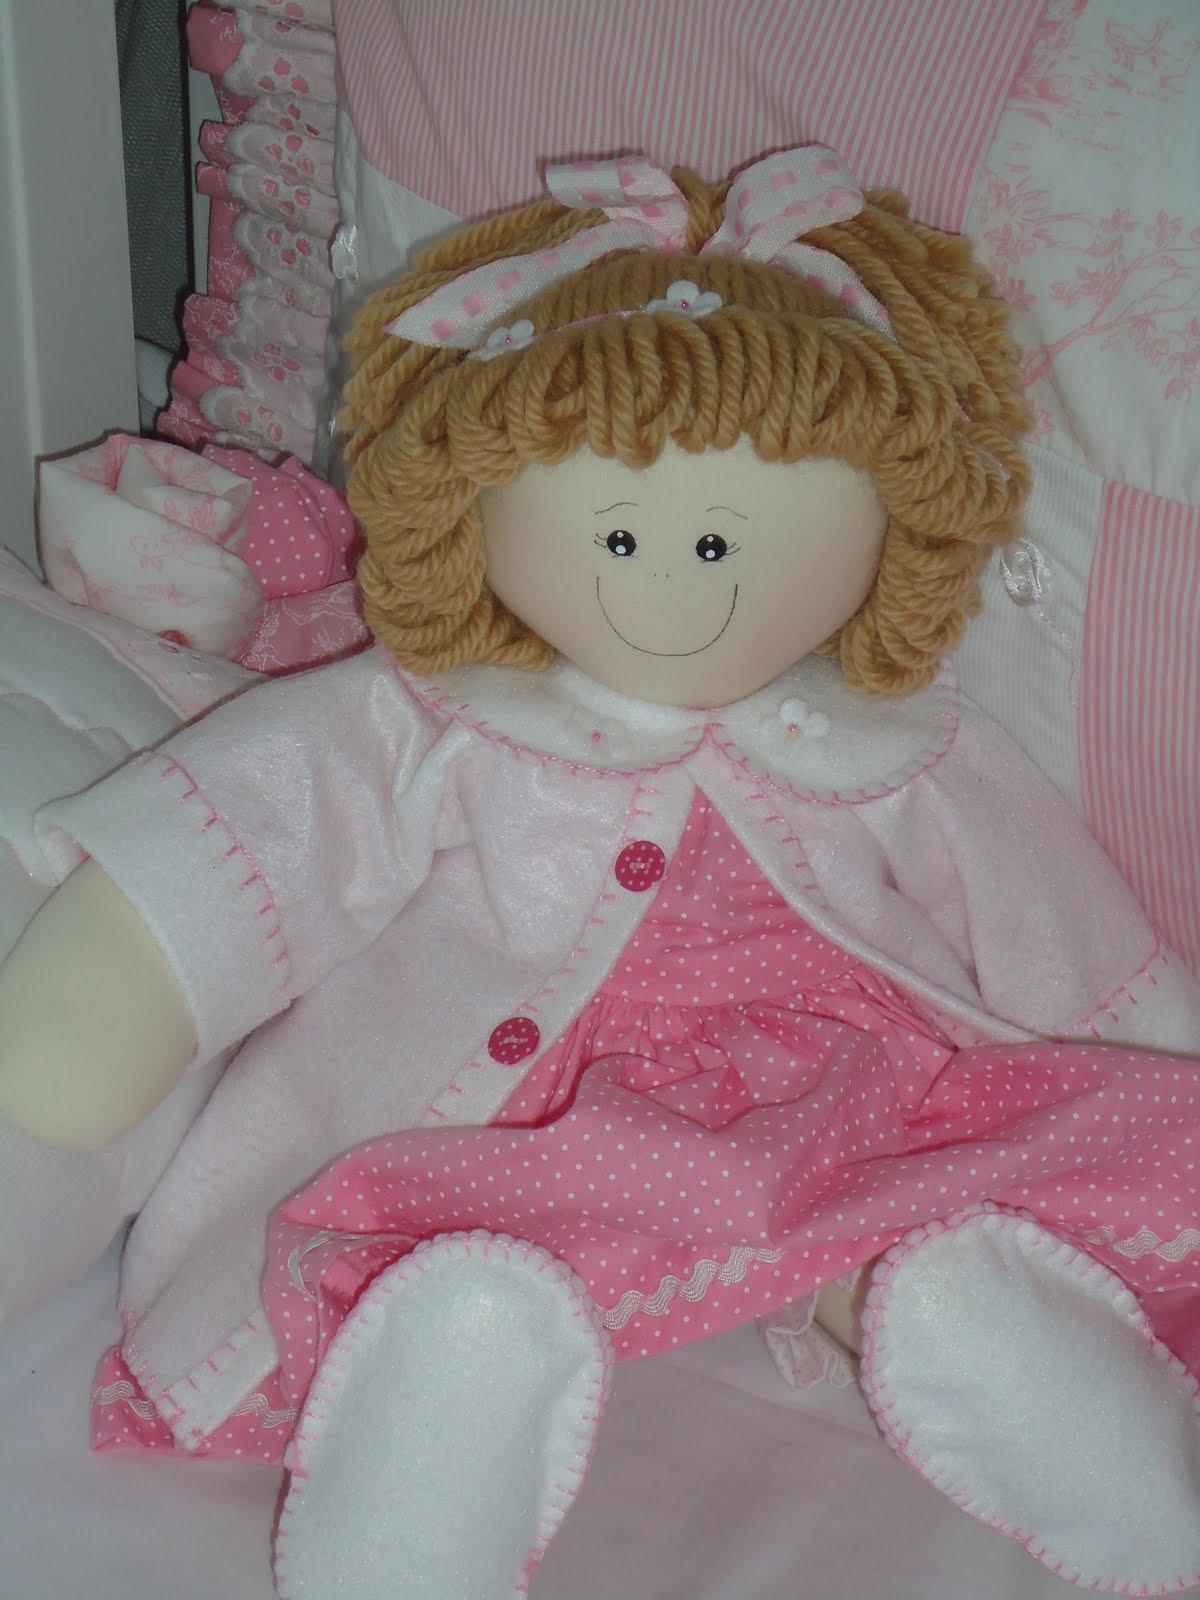 Bonecas de Panos Para Decoração de Quartos de Bebês boneca de pano rosa